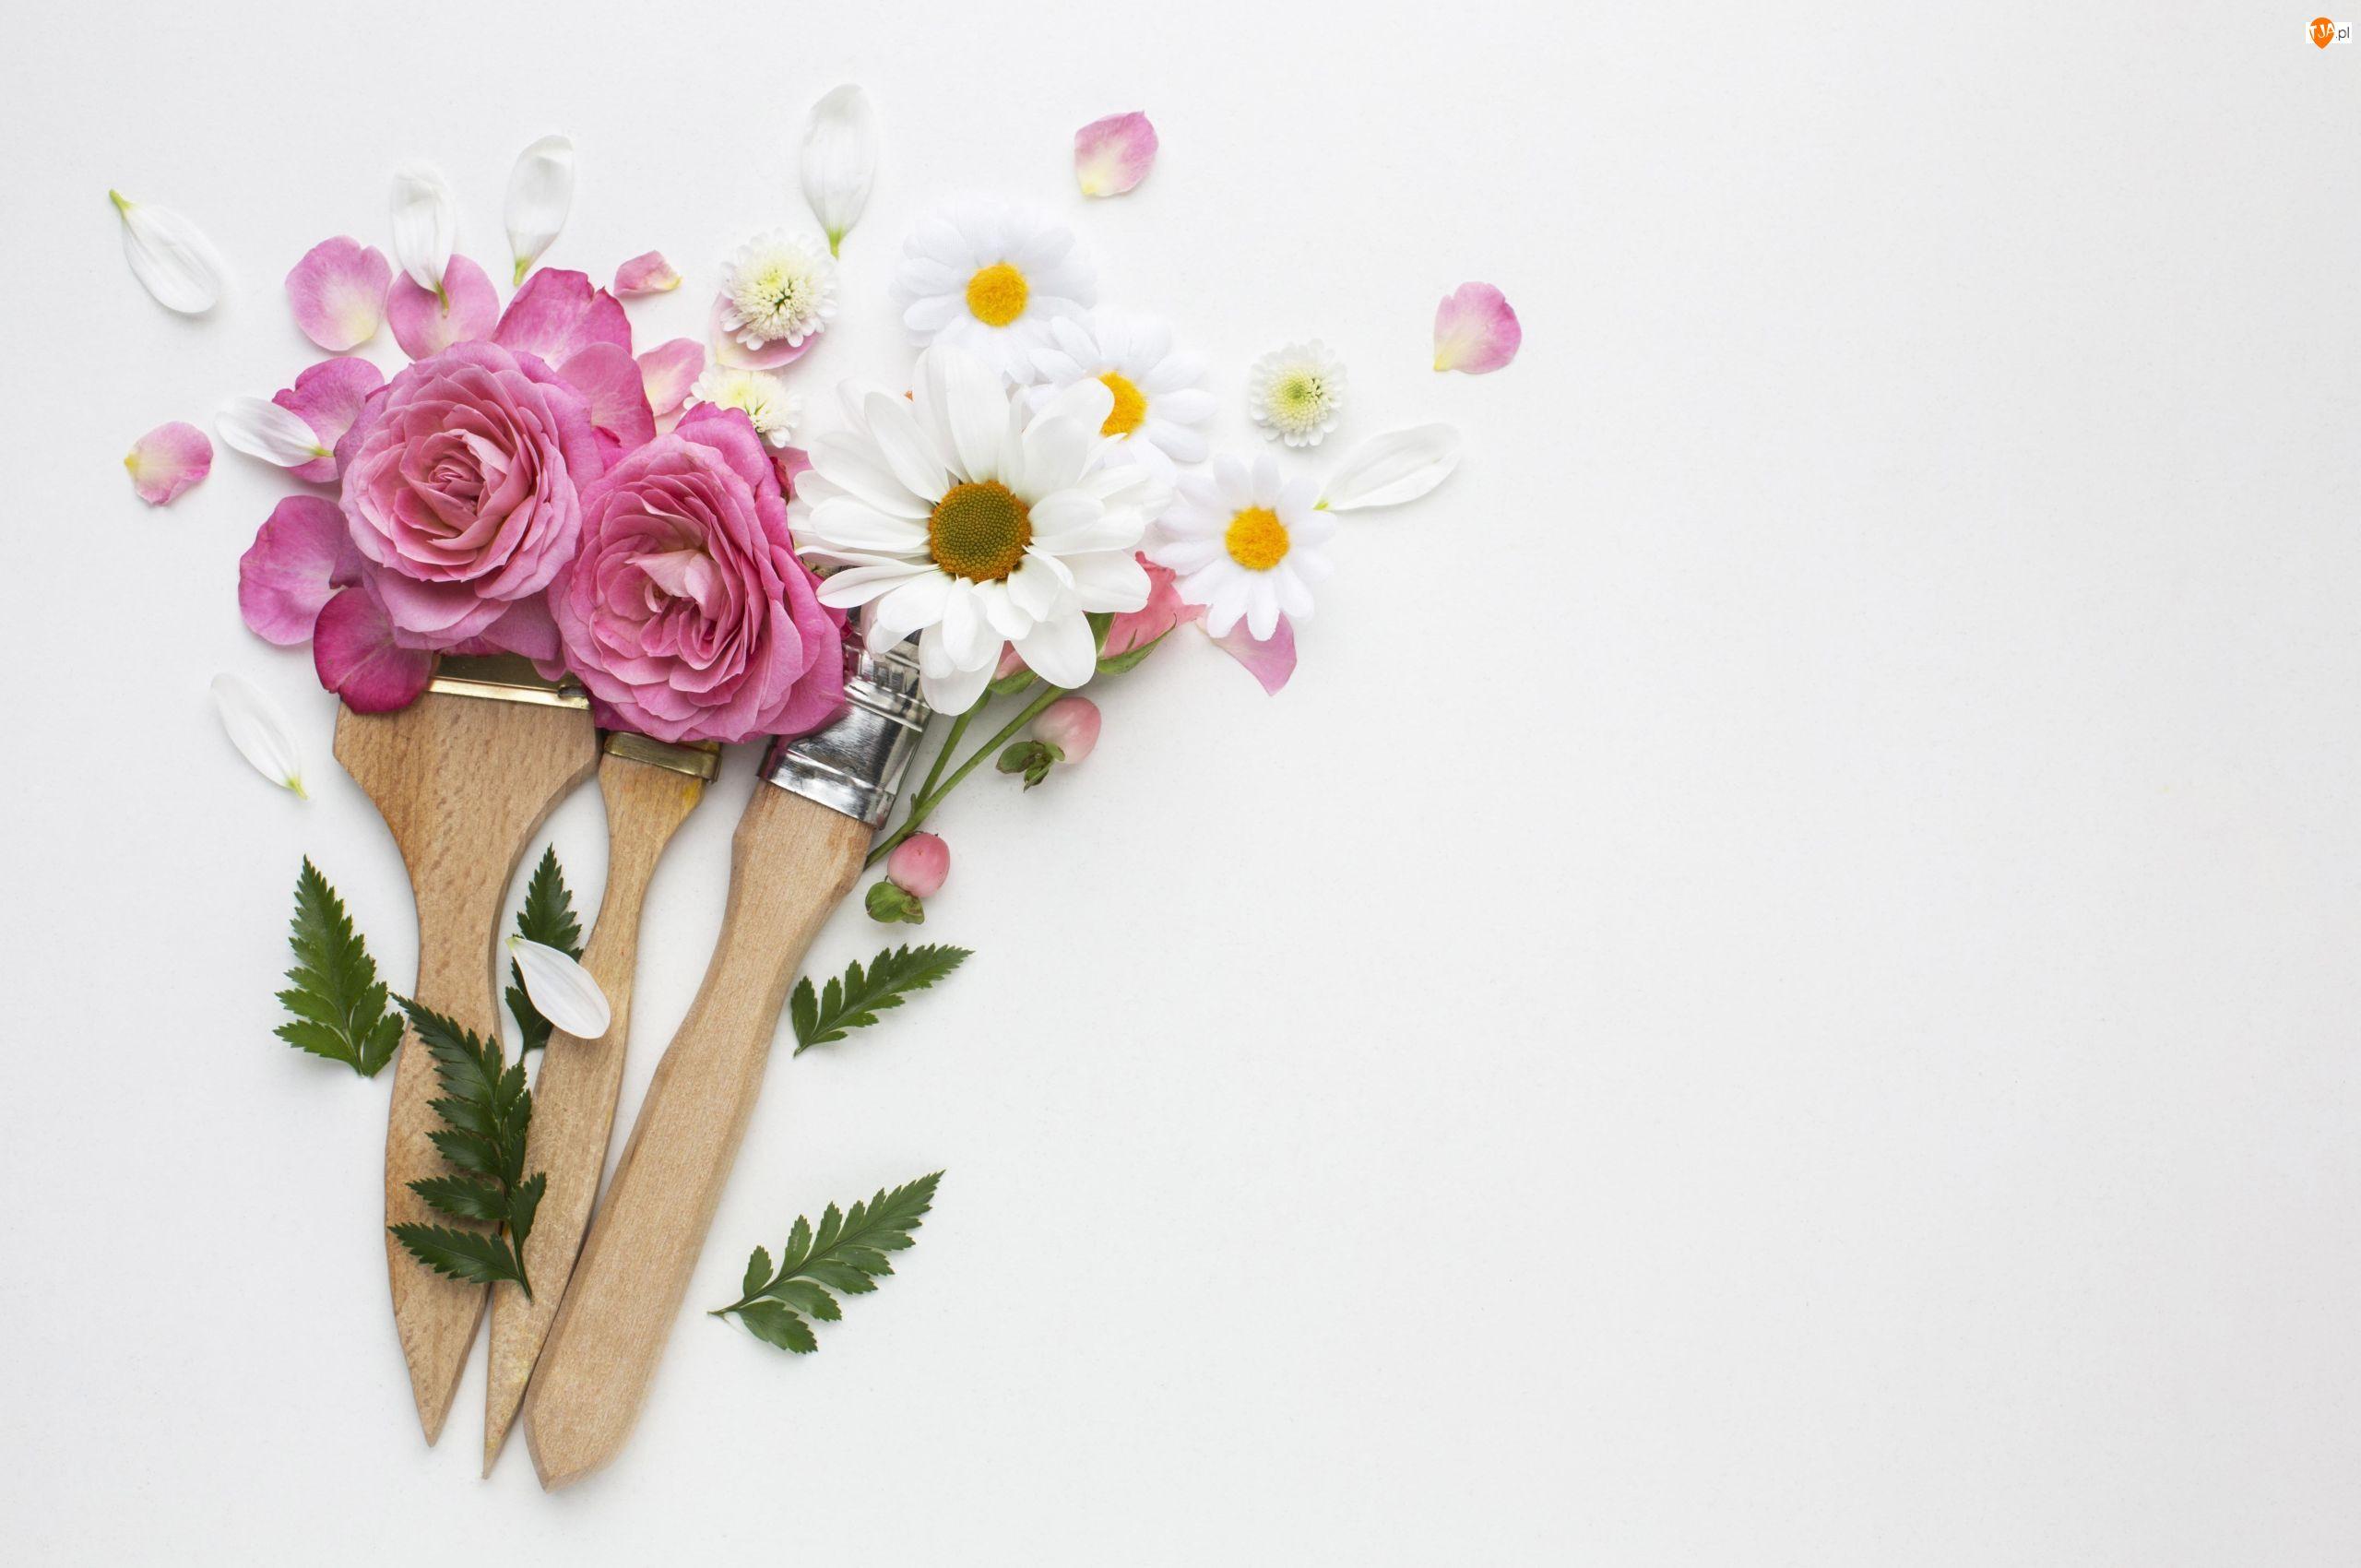 Róże, Kwiaty, Pędzle, Tło, Chryzantemy, Białe